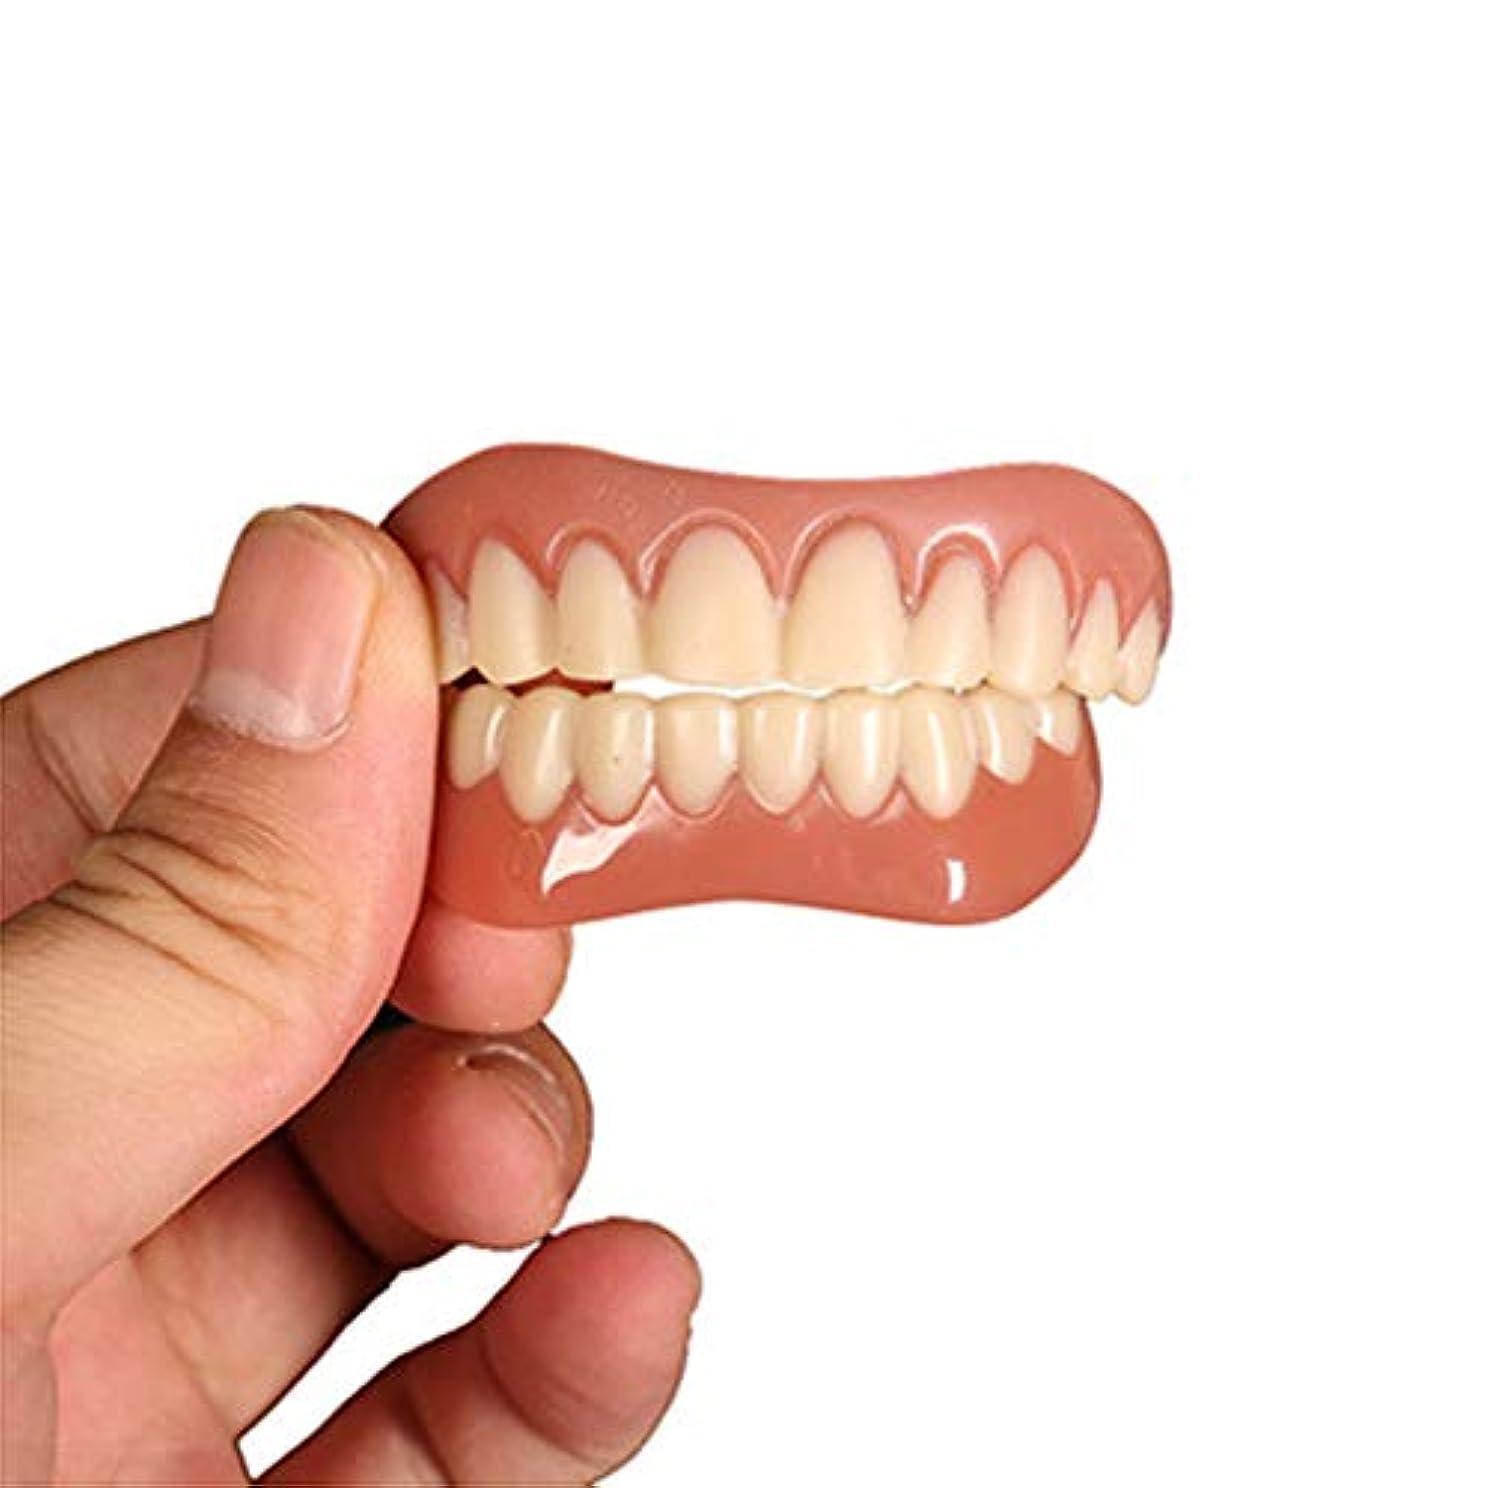 必須メンタルバースト8セット、化粧品の歯、白い歯をきれいにするための快適さにフィットするフレックス歯のソケット、化粧品の歯義歯の歯のトップ化粧品、